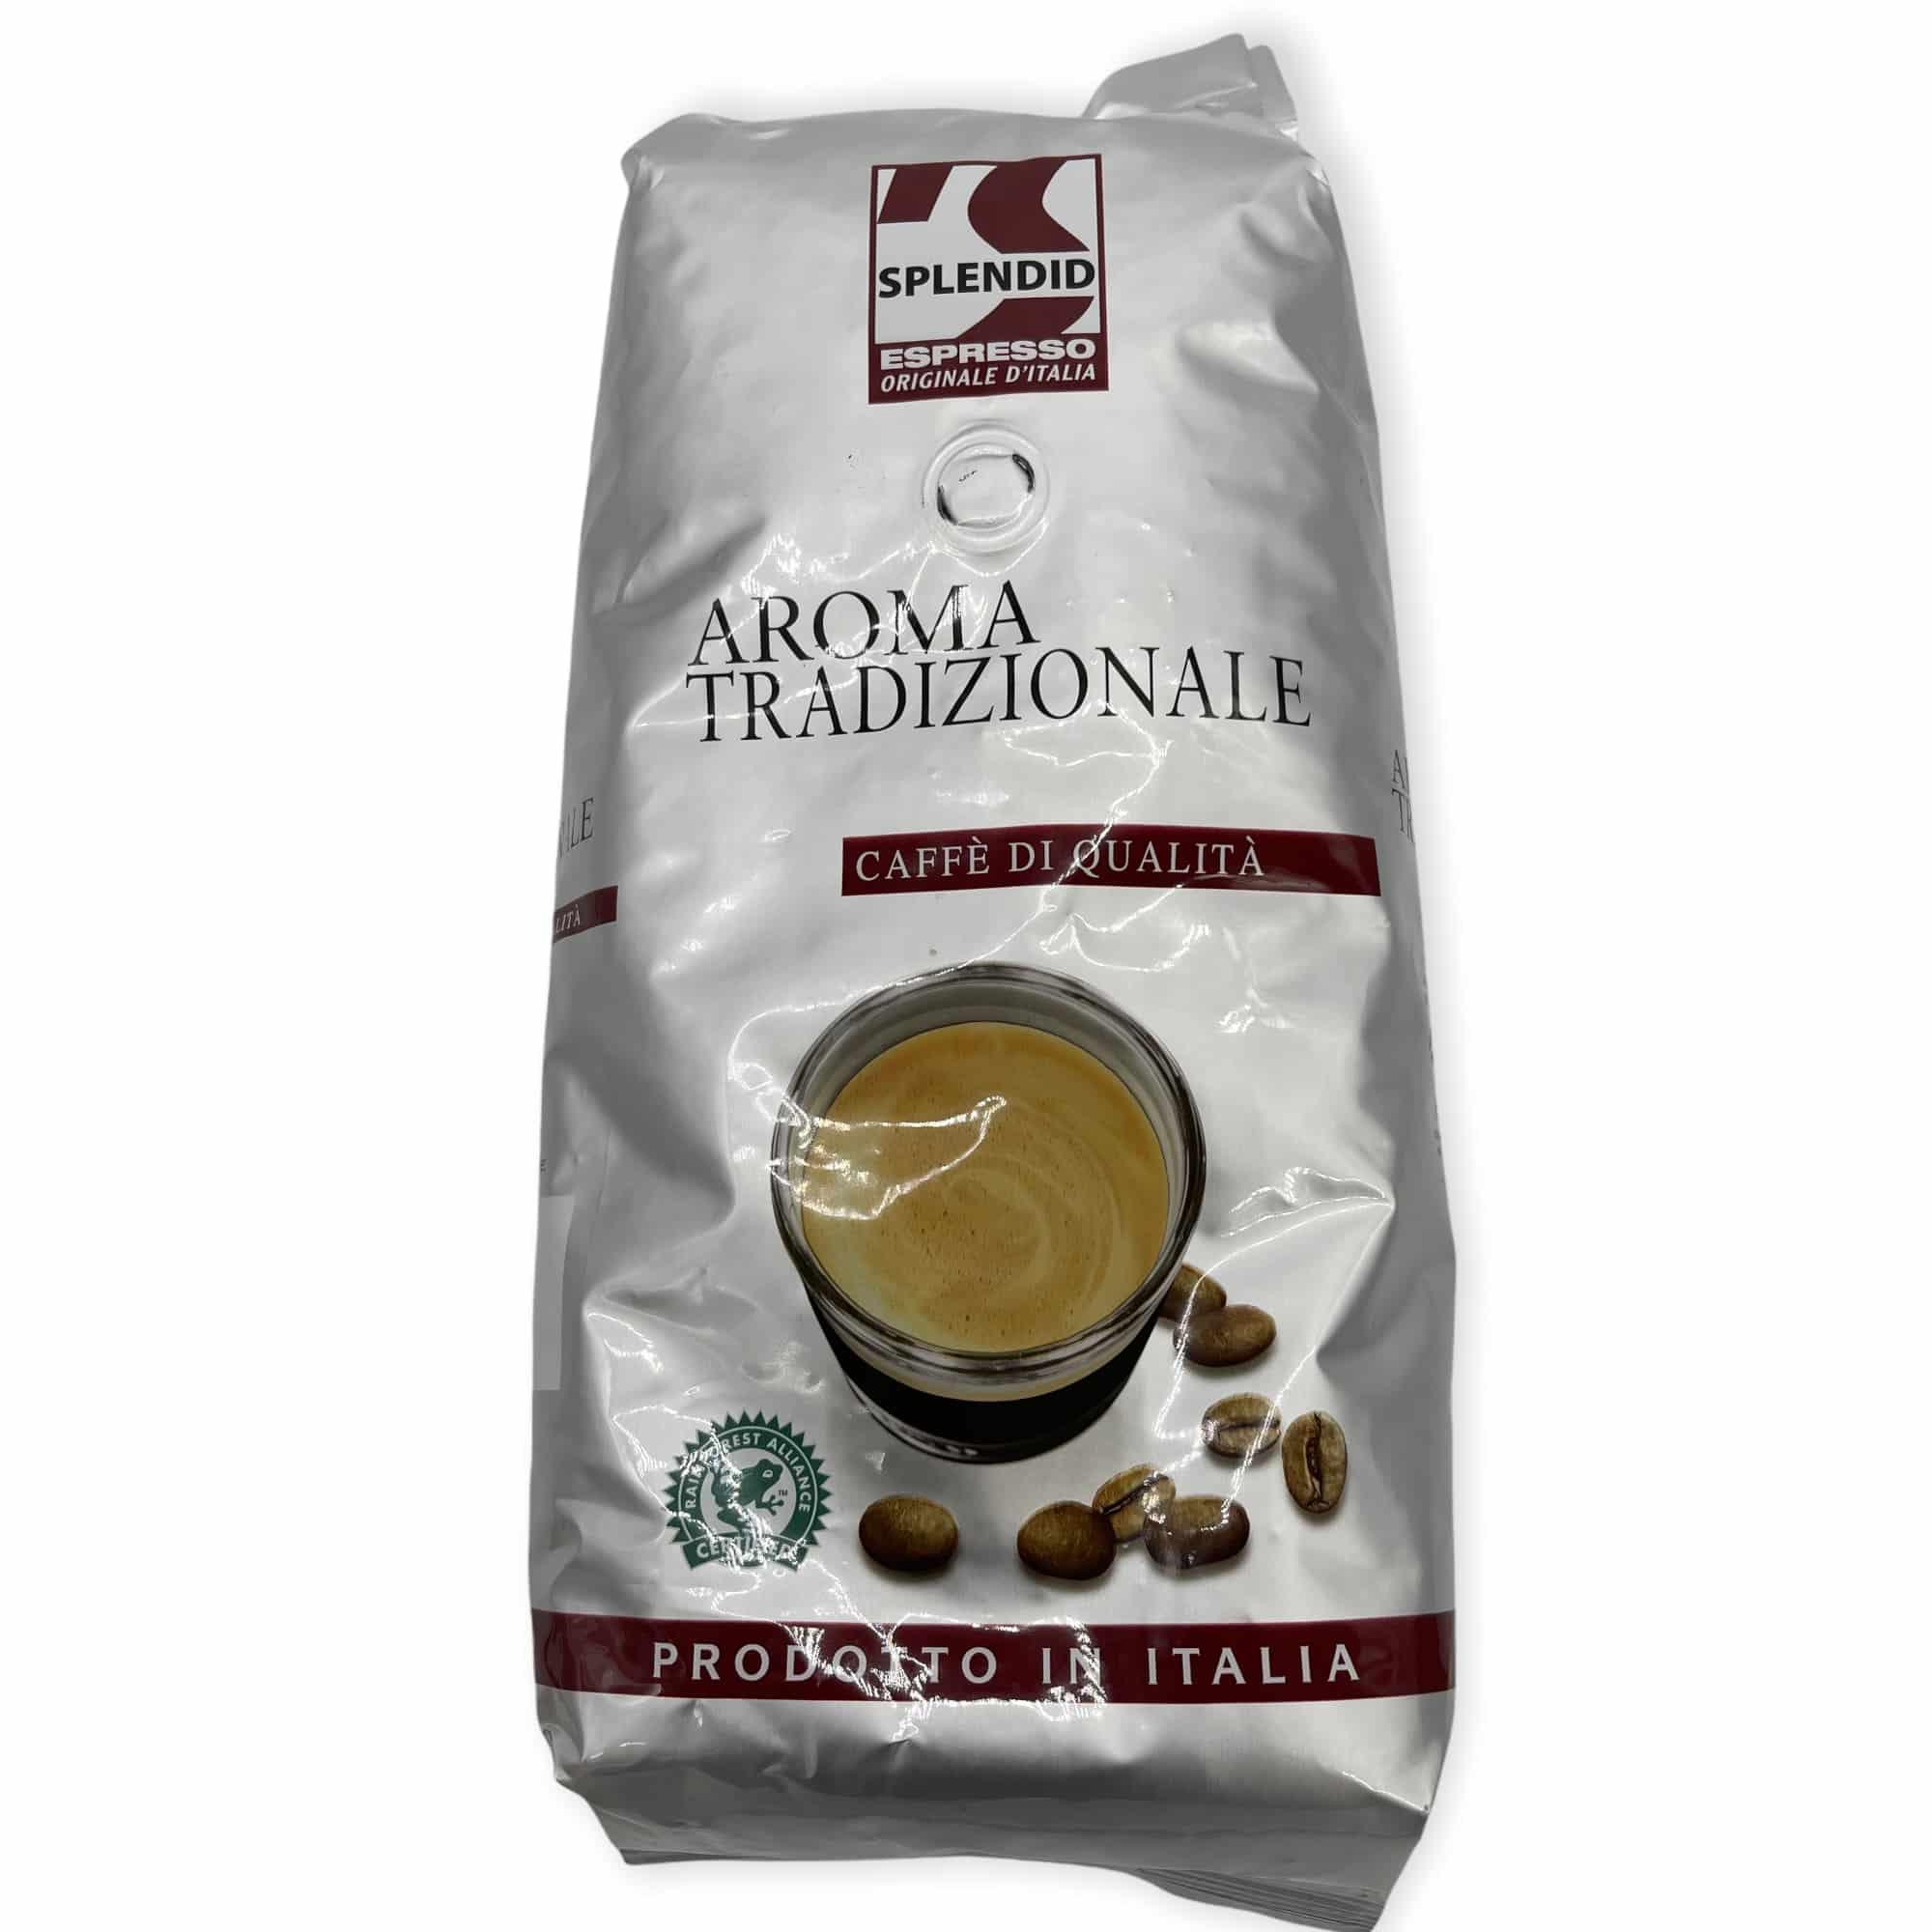 Bohnenkaffee Espresso Aroma Tradizionale 1 kg